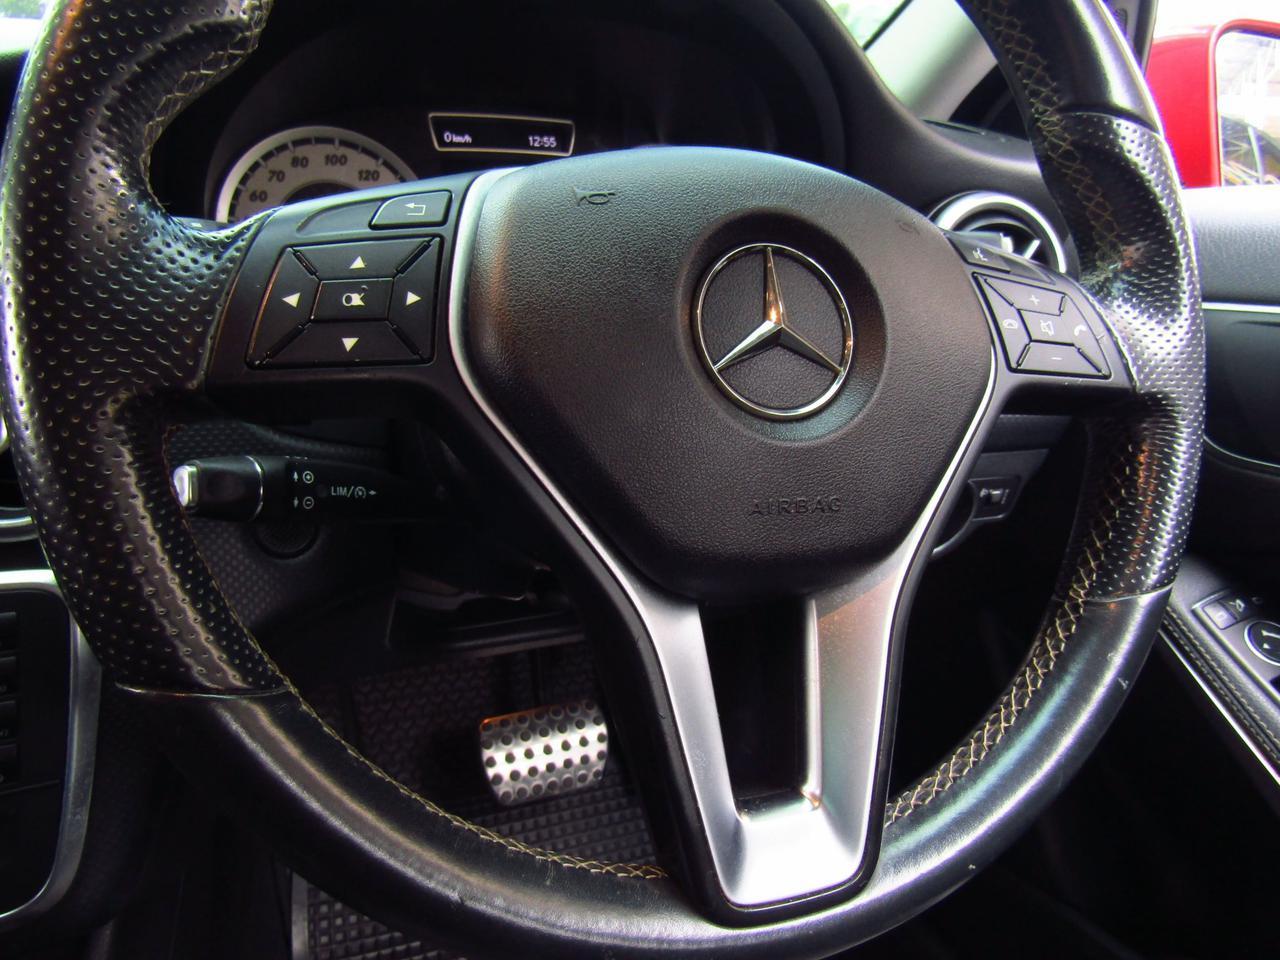 💖 BENZ A-CLASS A 180 รถเบนซ์ รถบ้าน รถมือเดียว รถสวย รถเก่ง รถมือสองสภาพนางฟ้า รถดี สมถนะดีเยี่ยม พร้อมใช้งาน รูปที่ 3